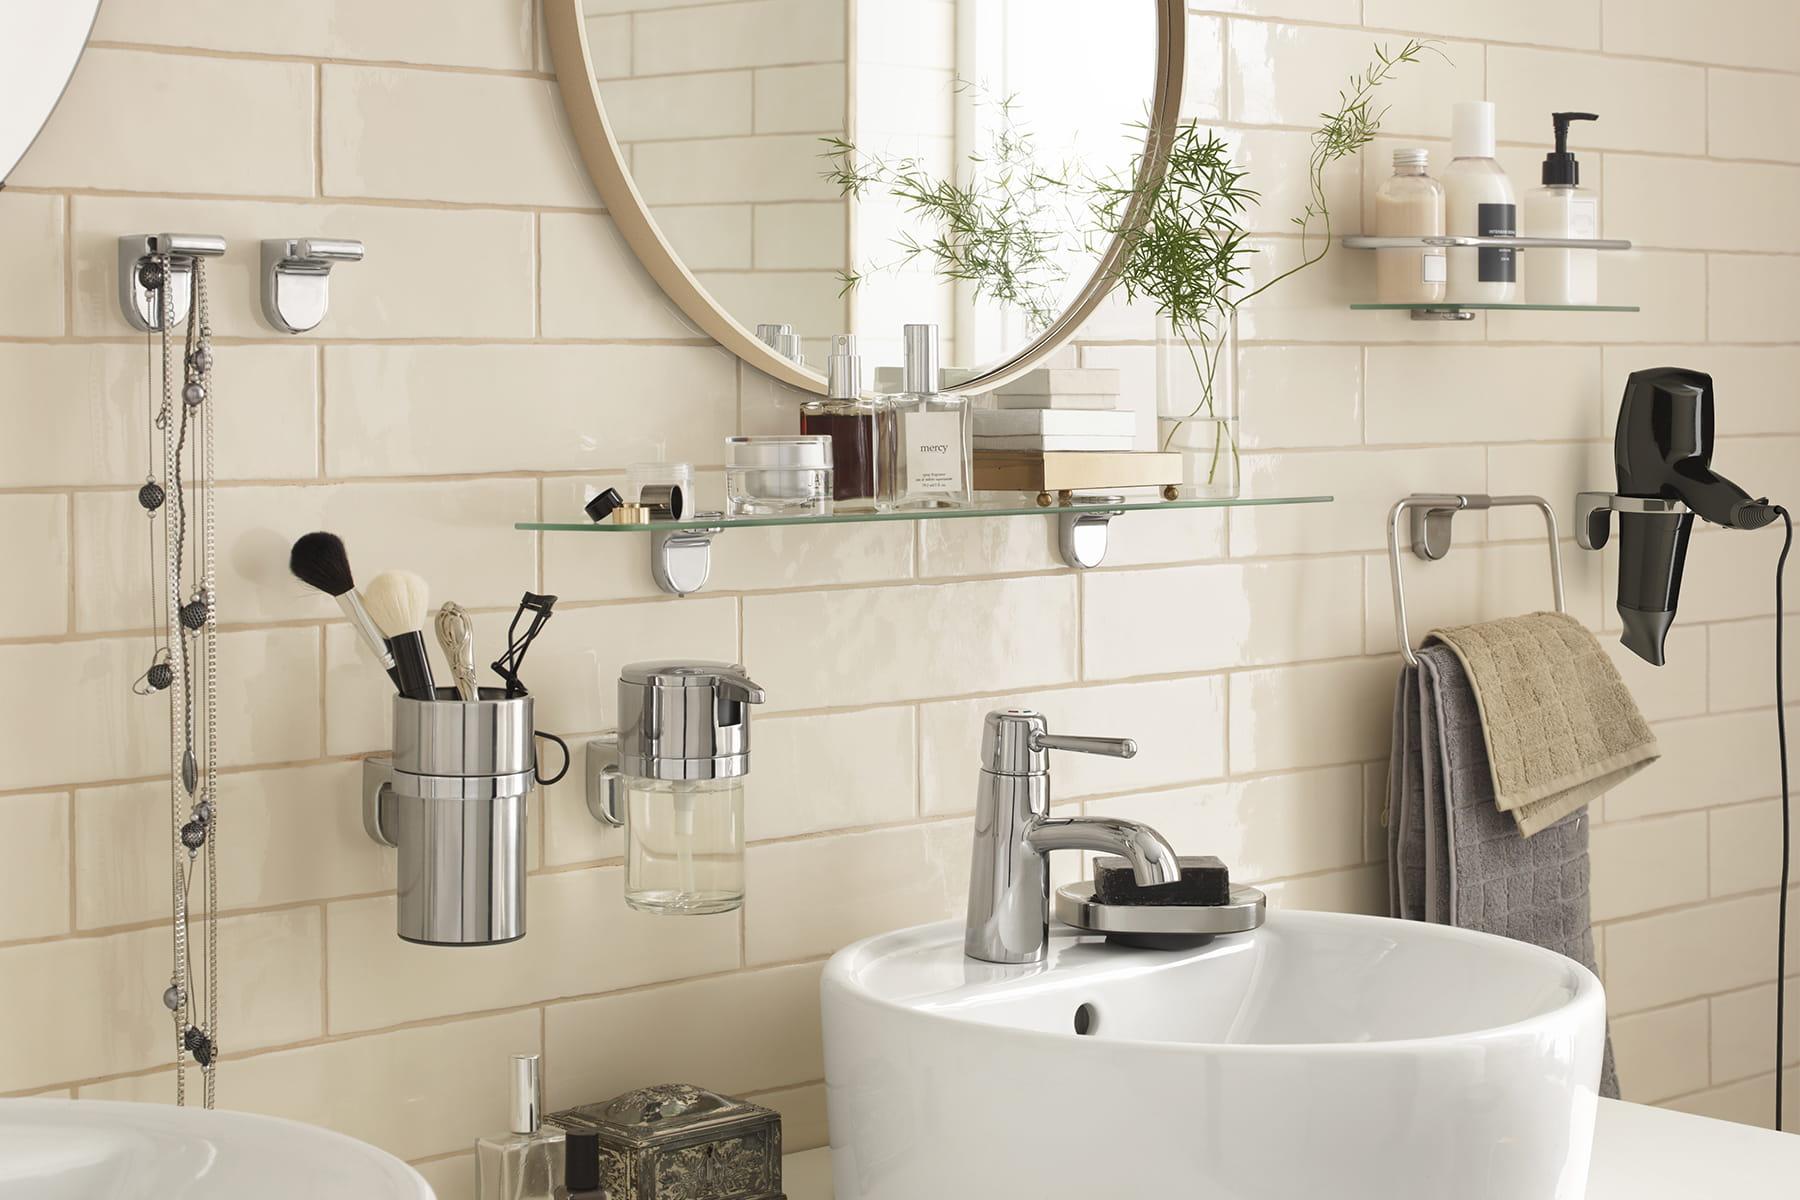 Des produits malins pour am nager une petite salle de bains for Taille d une salle de bain